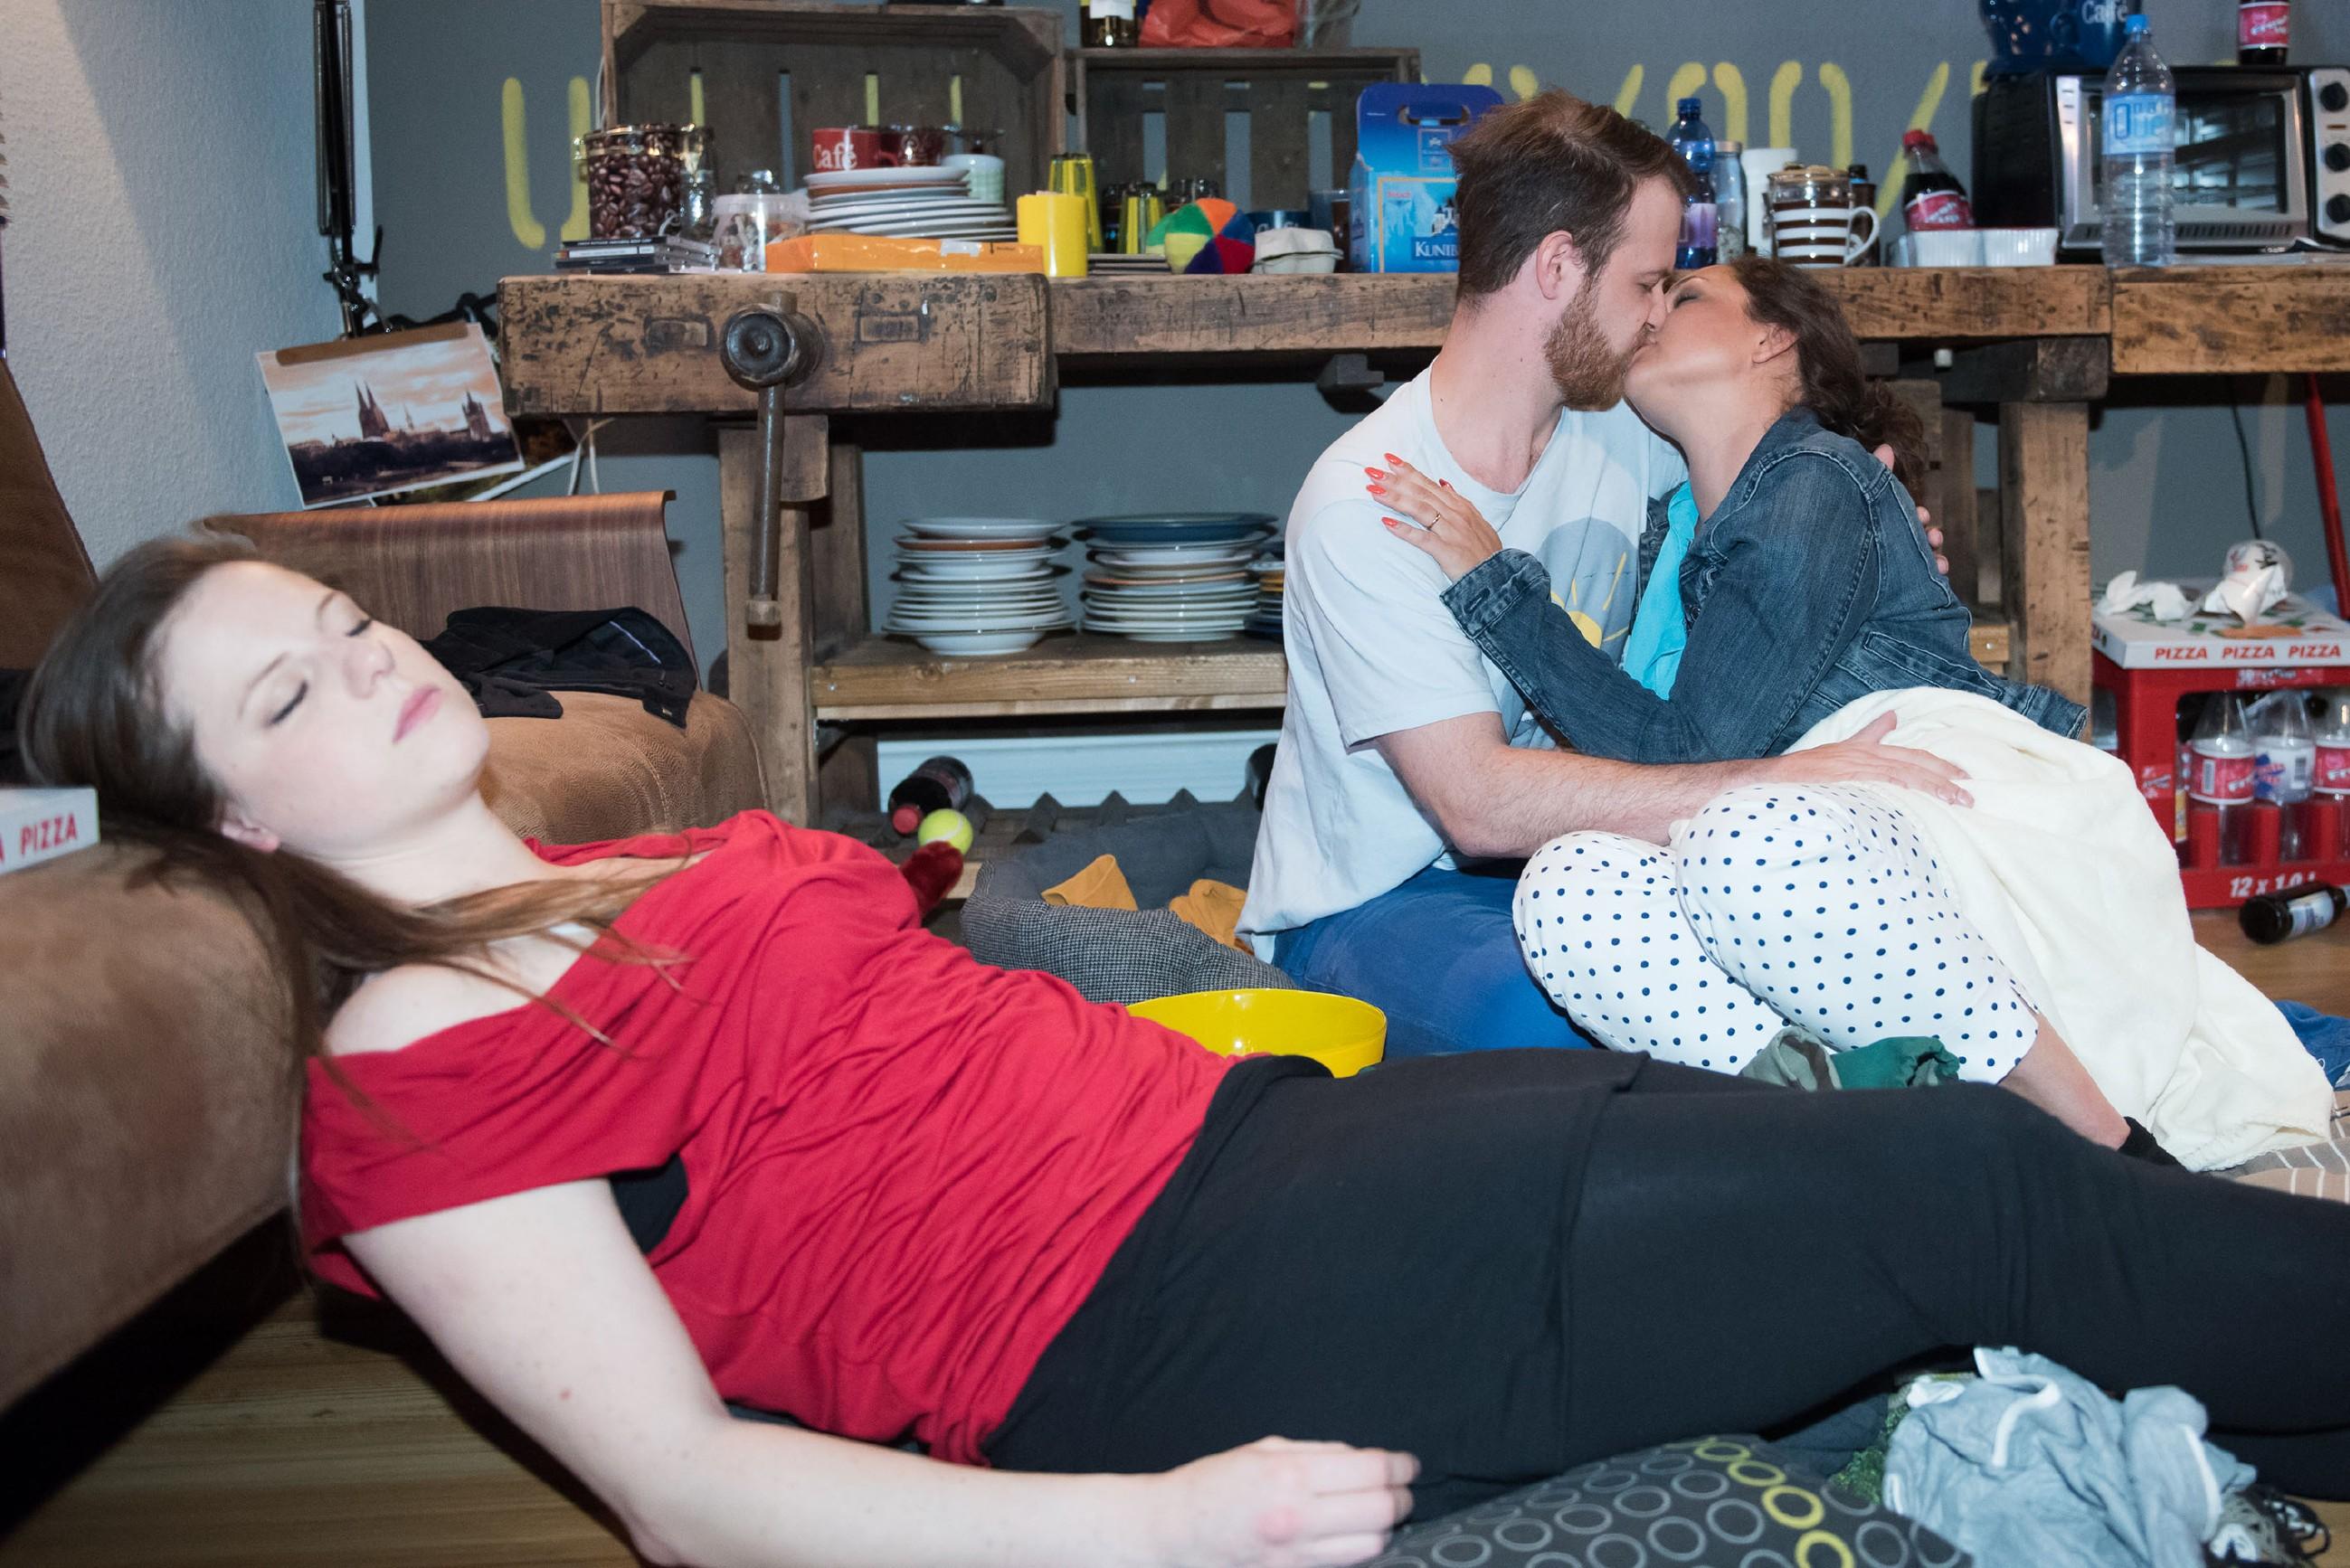 Rückblende: Caro (Ines Kurenbach) und Tobias (Patrick Müller) haben nach einem Trinkspiel mit Elli (Nora Koppen, l.) jede Selbstkontrolle verloren... (Quelle: RTL / Stefan Behrens)